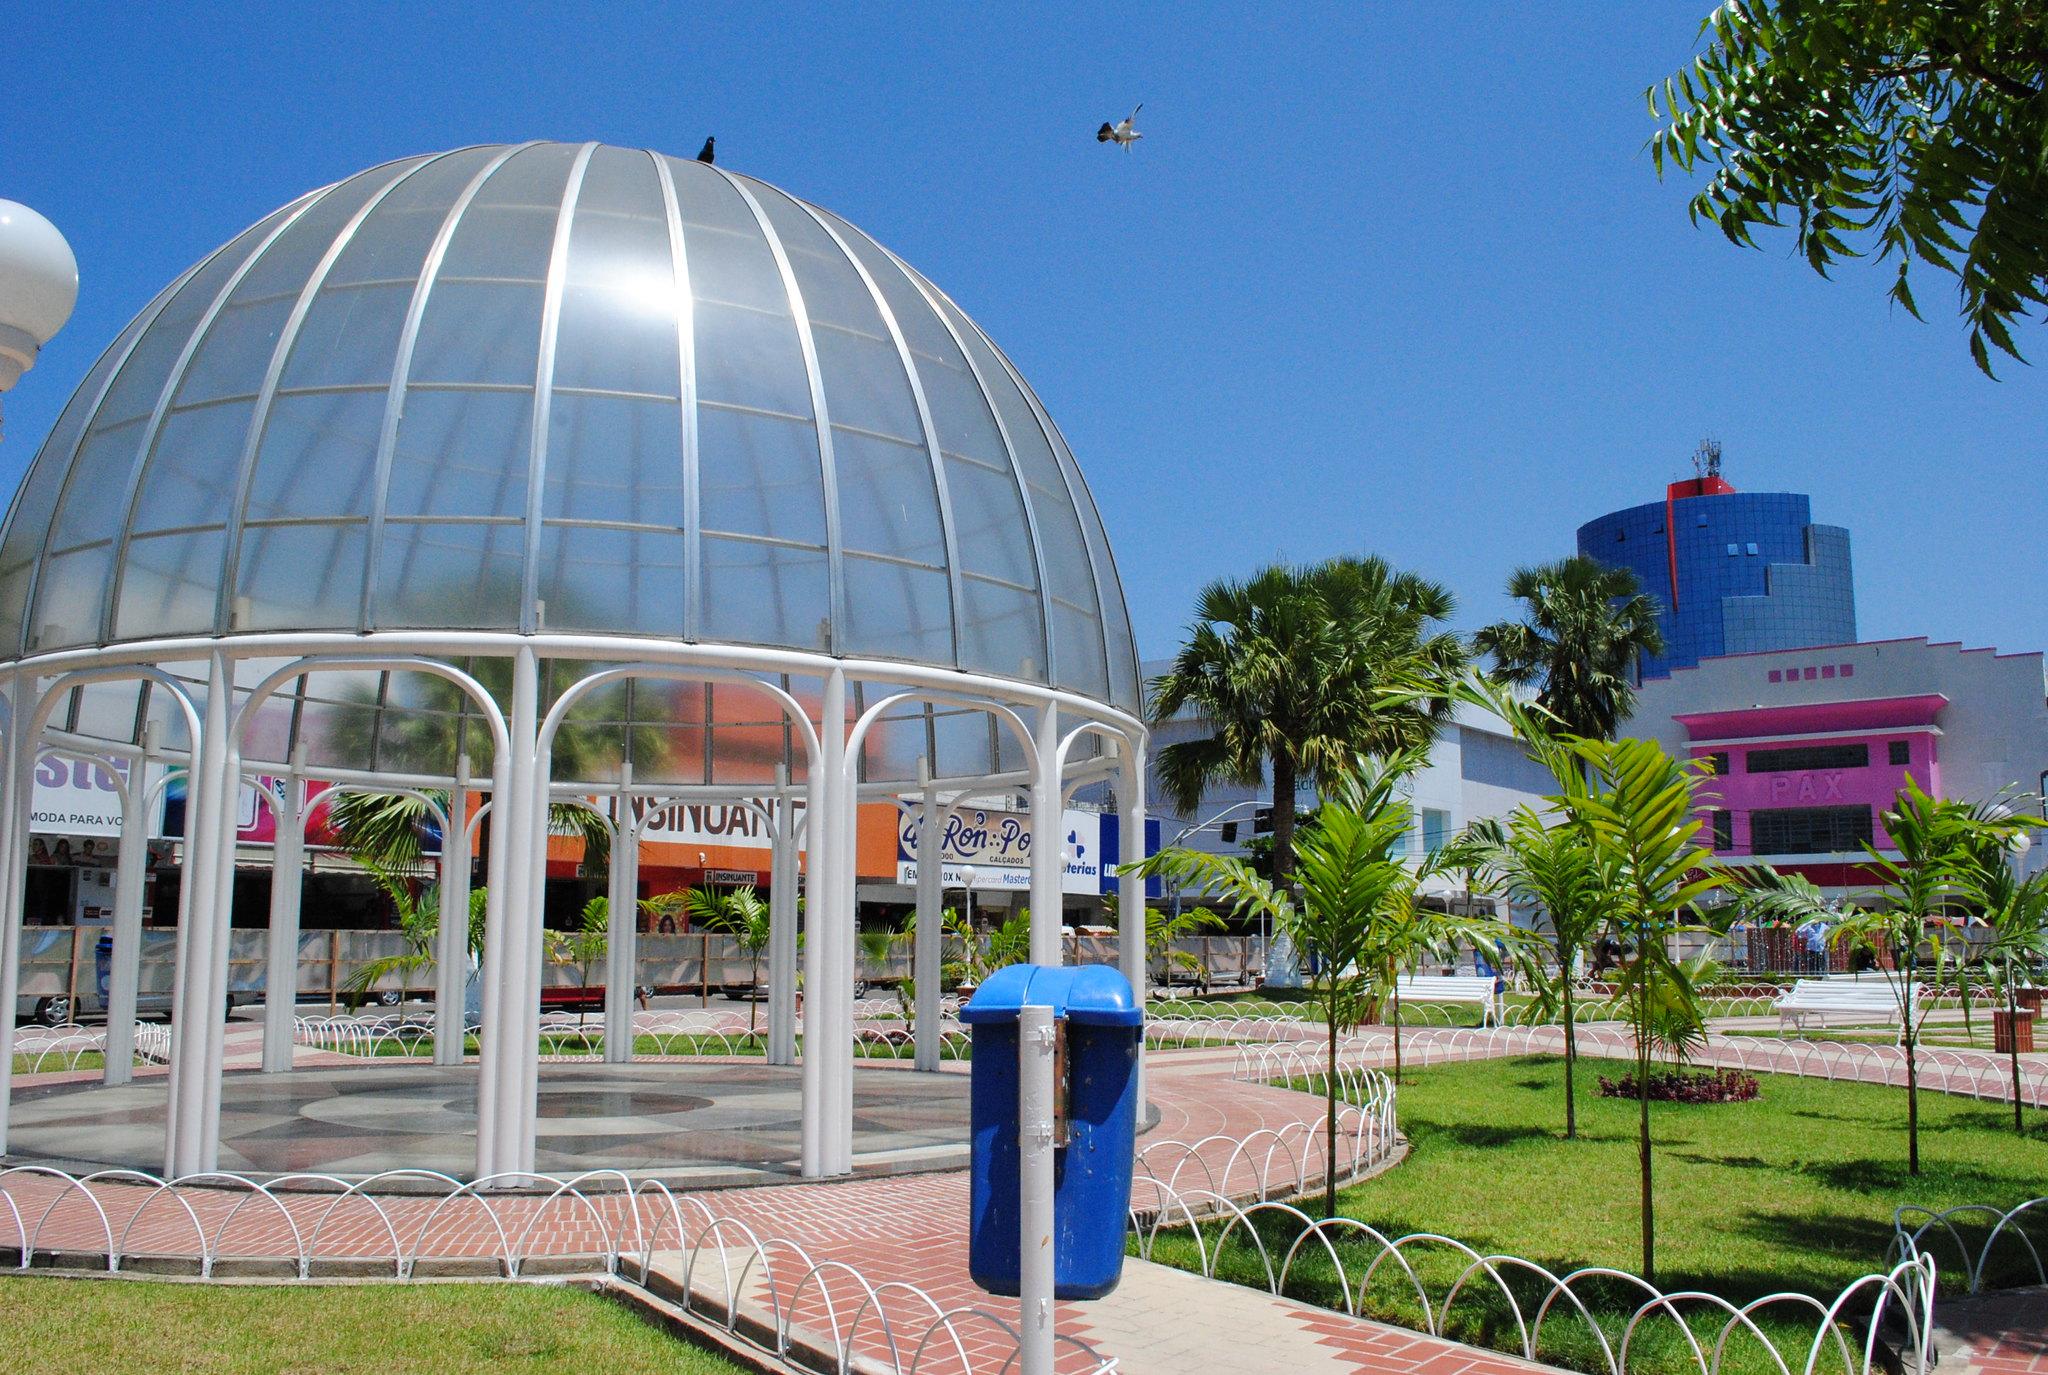 Prefeitura executa serviço de reposição de luminárias em praças do Centro